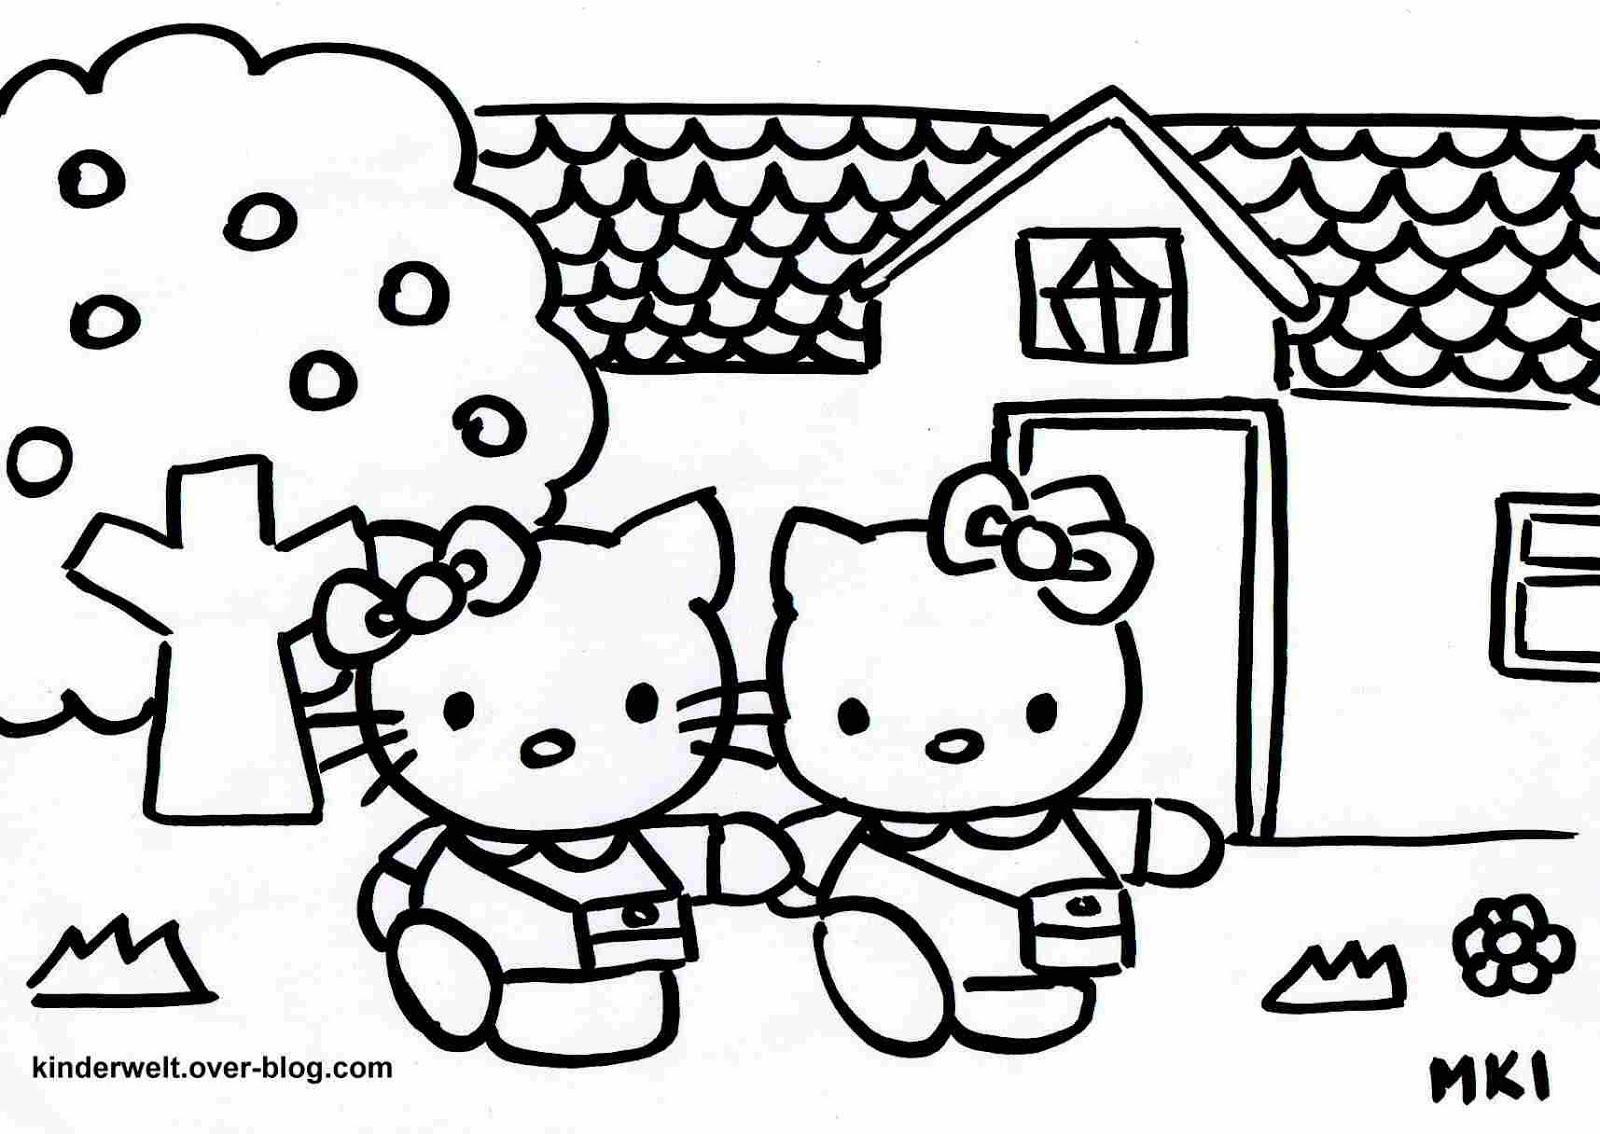 Kinder Malvorlagen Com Einzigartig Ausmalbilder Für Kinder Malvorlagen Und Malbuch Schön Hello Kitty Bild